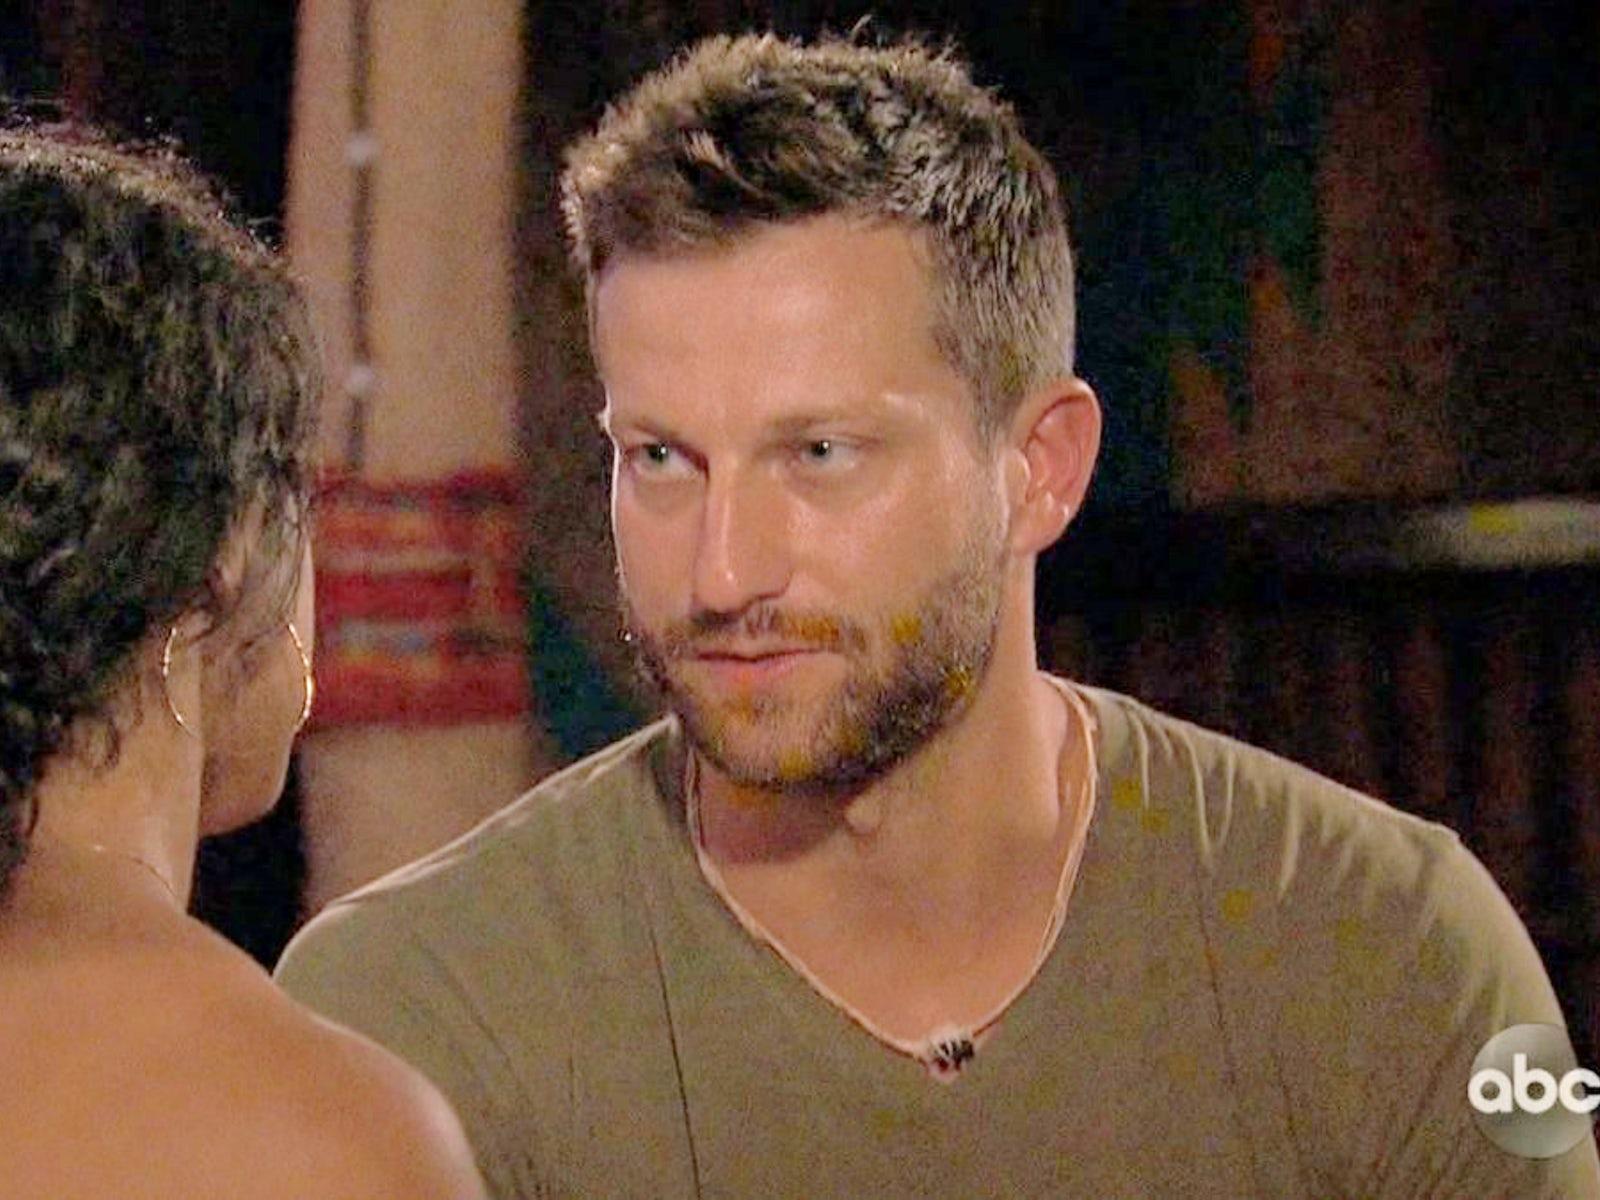 Chris dating Selma